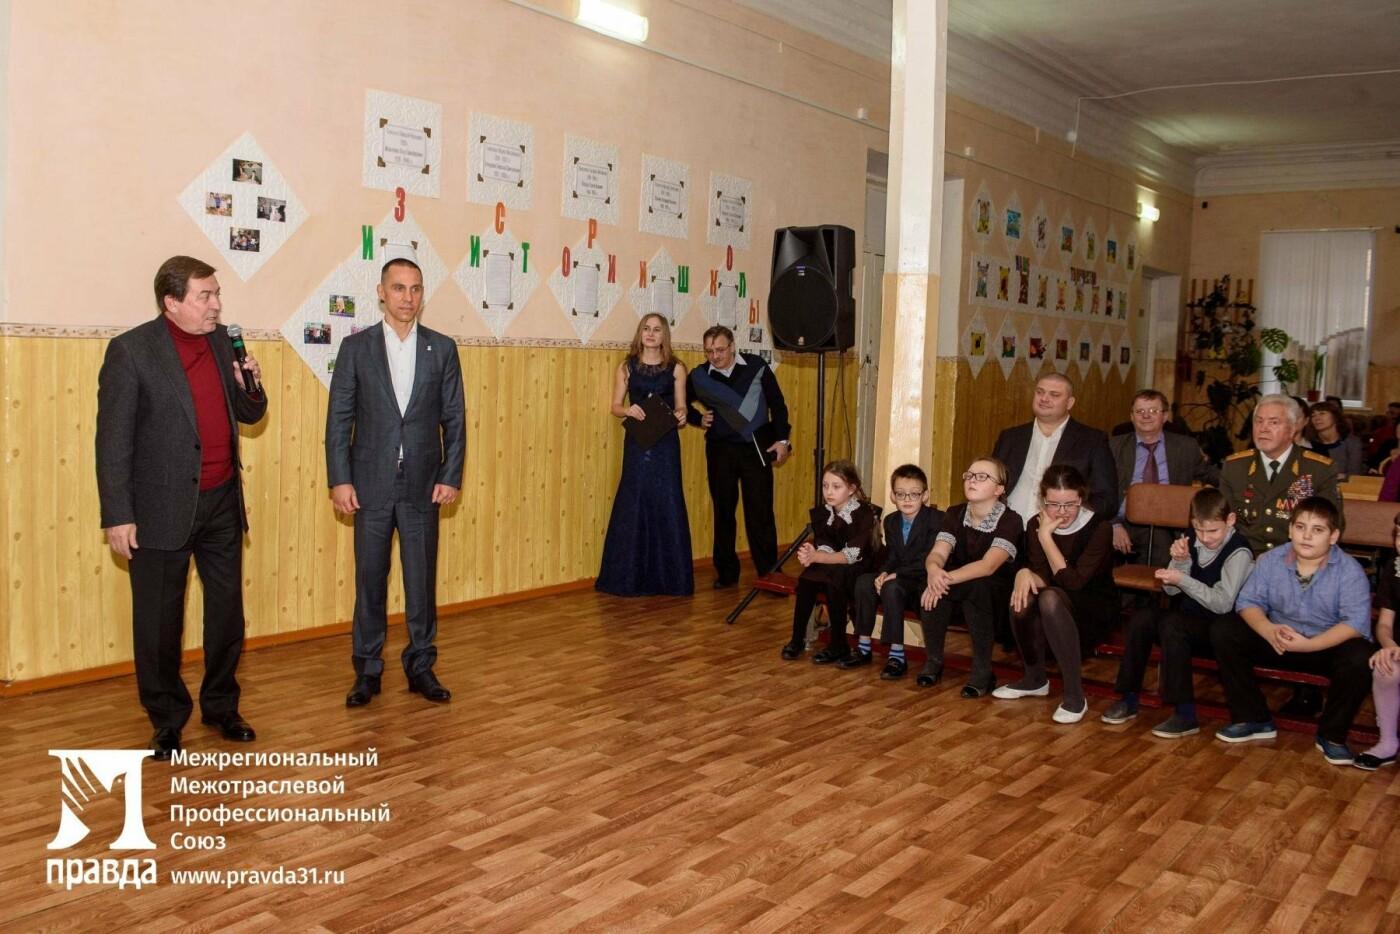 В Валуйках открыли зал греко-римской борьбы, фото-14